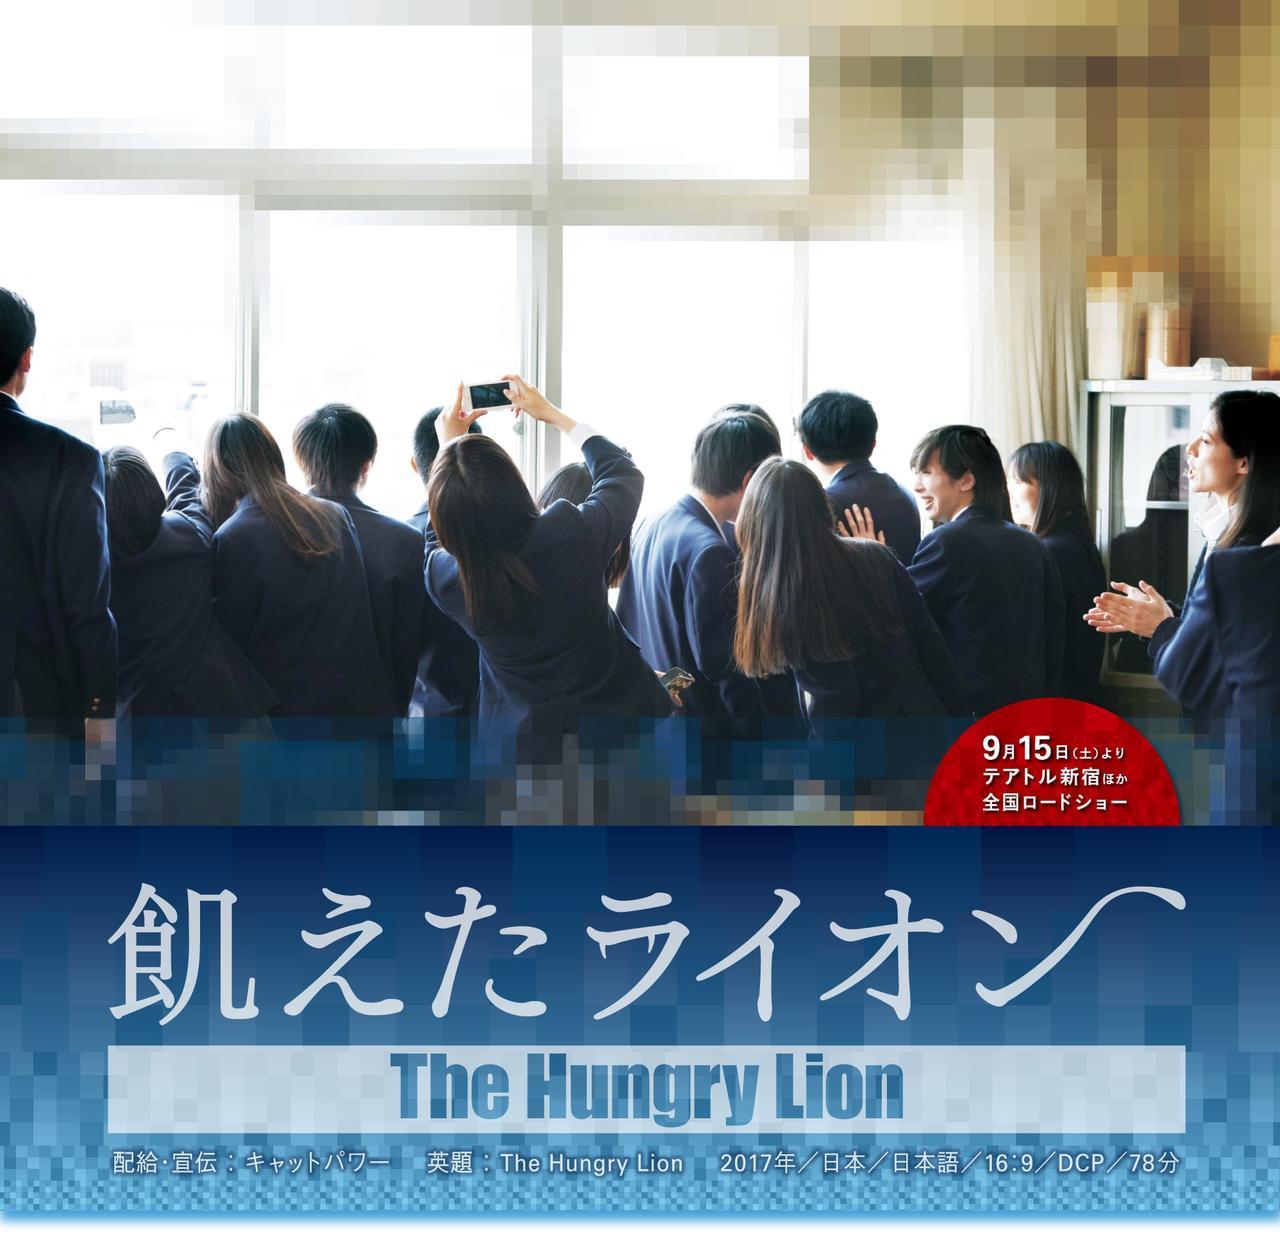 画像: 映画『飢えたライオン』公式サイト 9月15日(土)全国順次公開